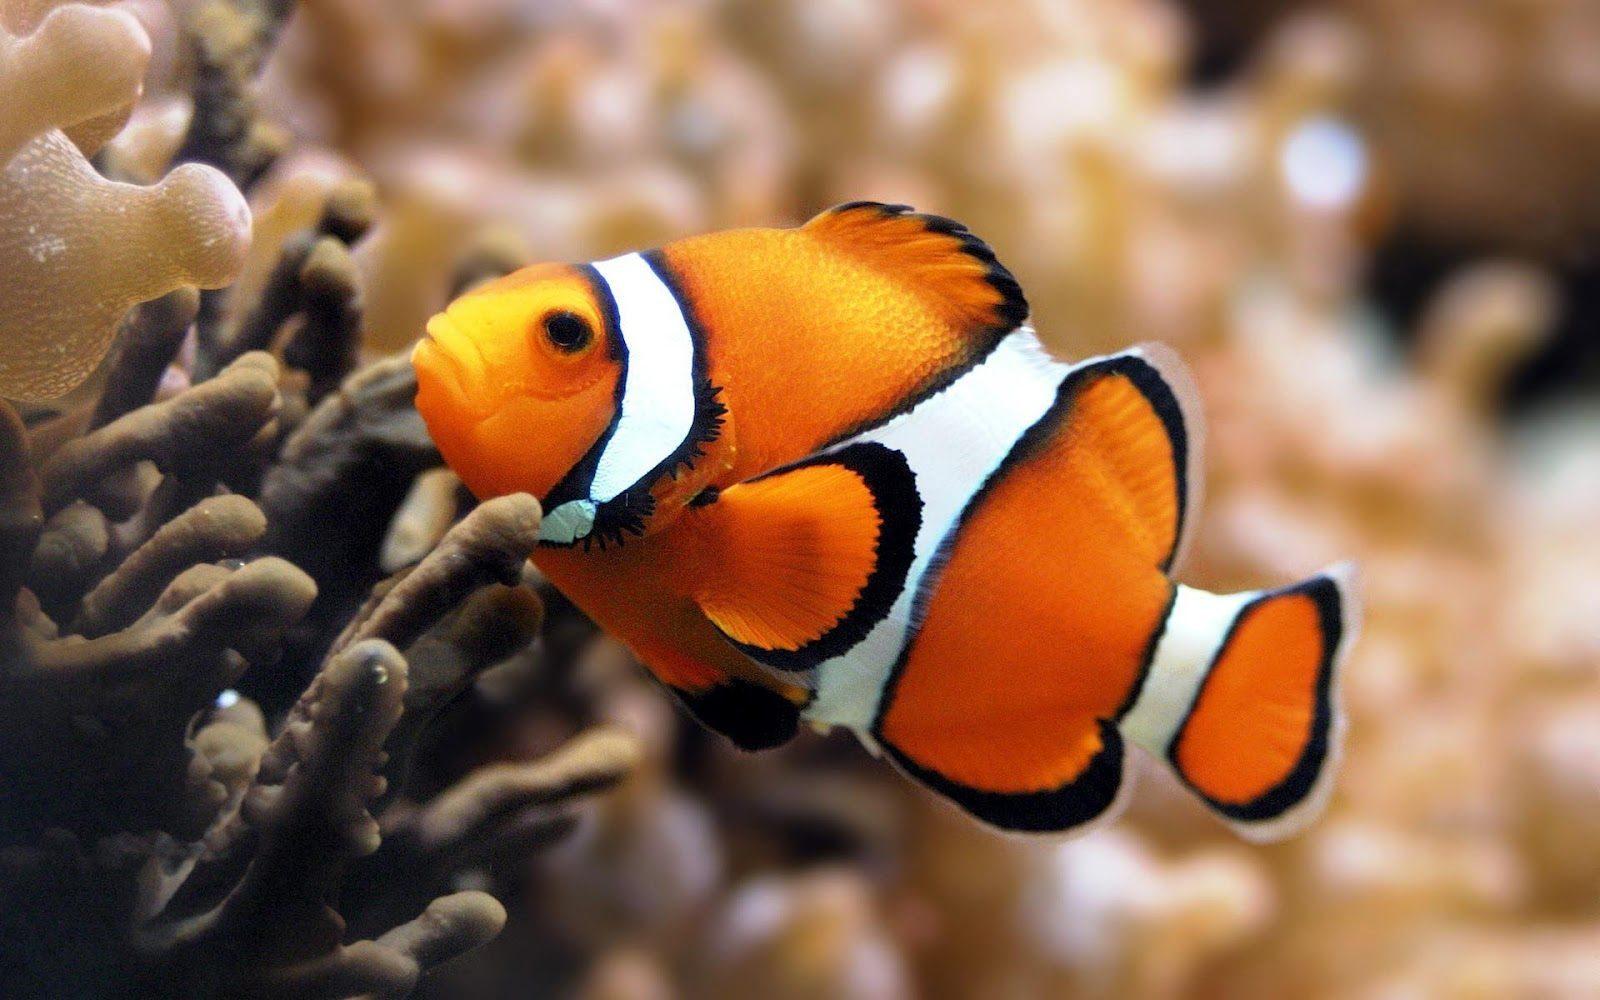 Cuidados b sicos de peces de acuario parte 1 peces de for Cuidado de peces